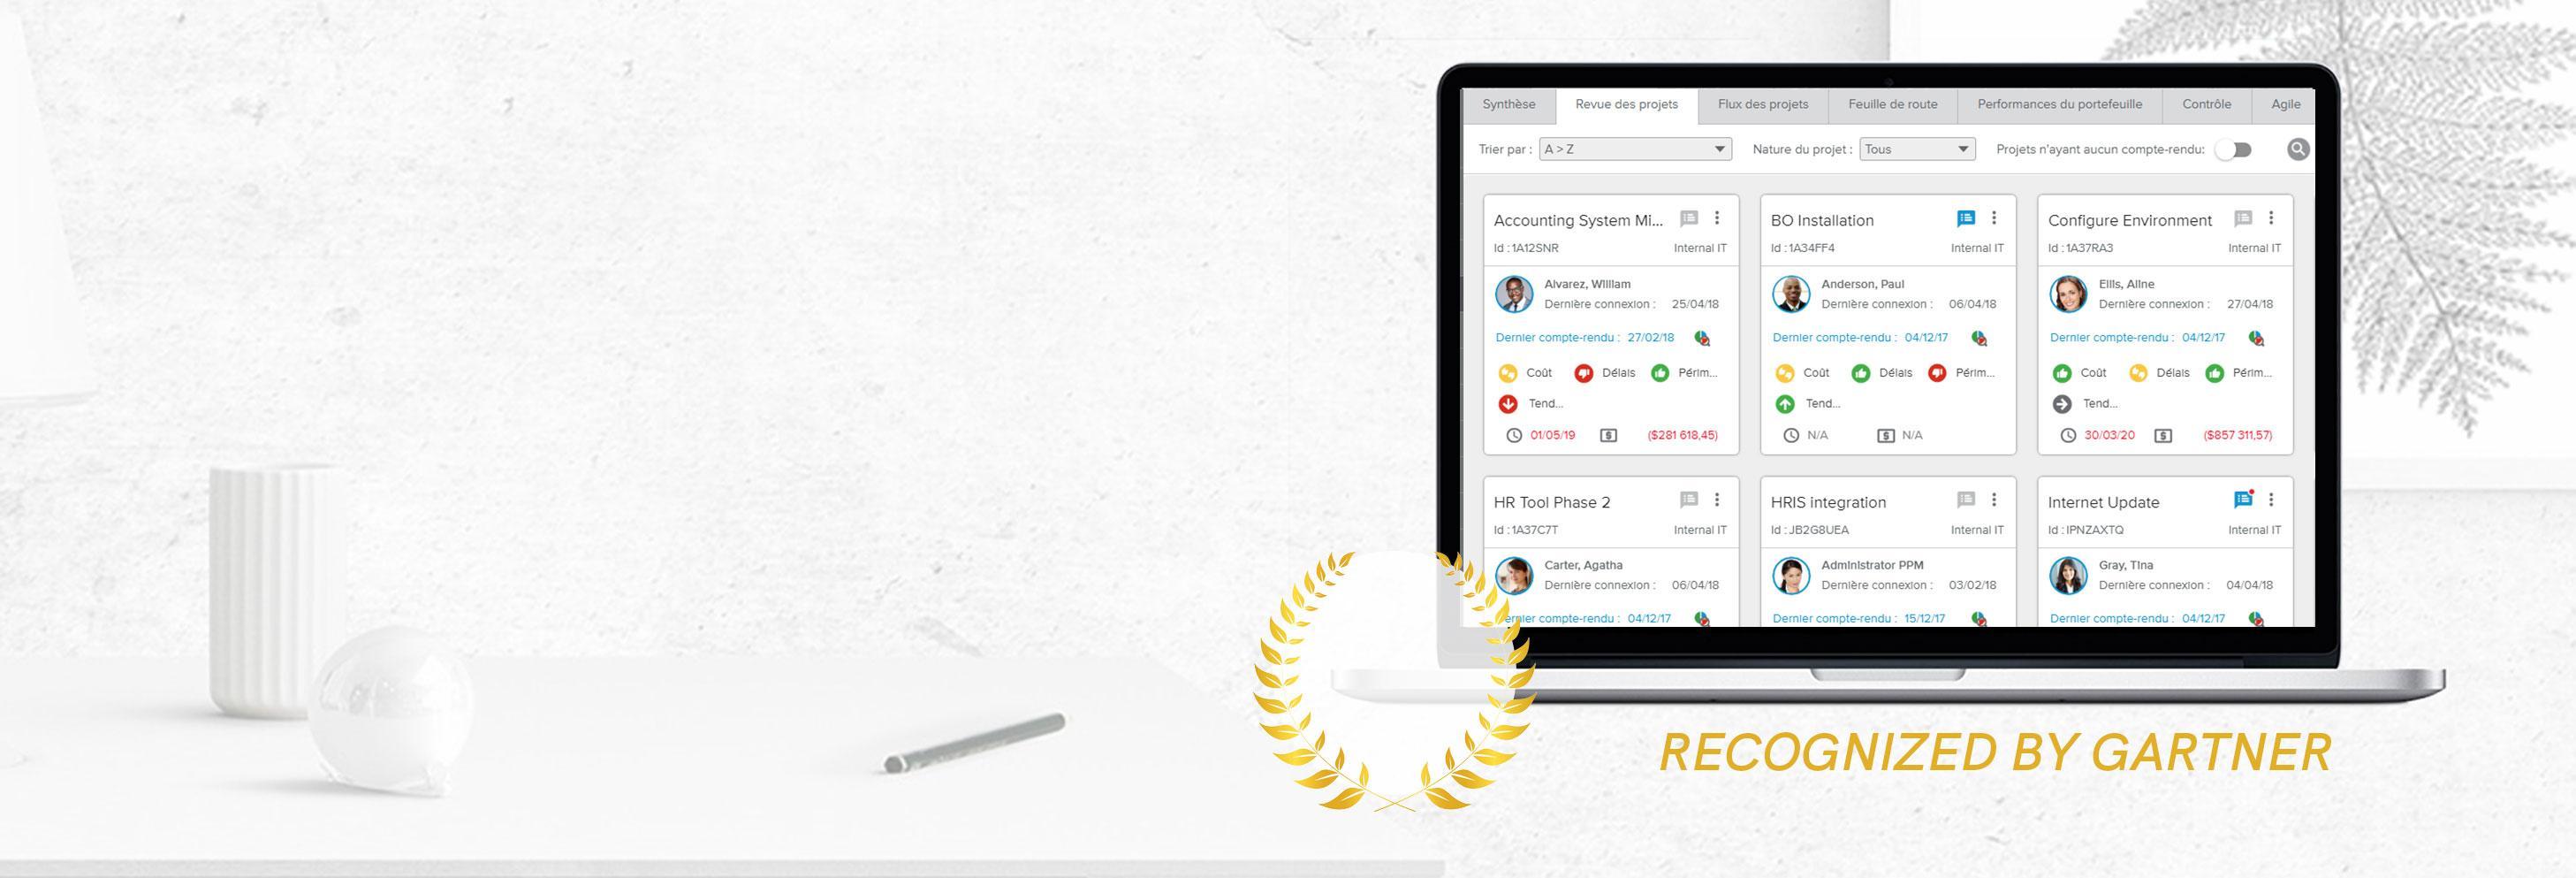 Review Sciforma: Project portfolio management - appvizer